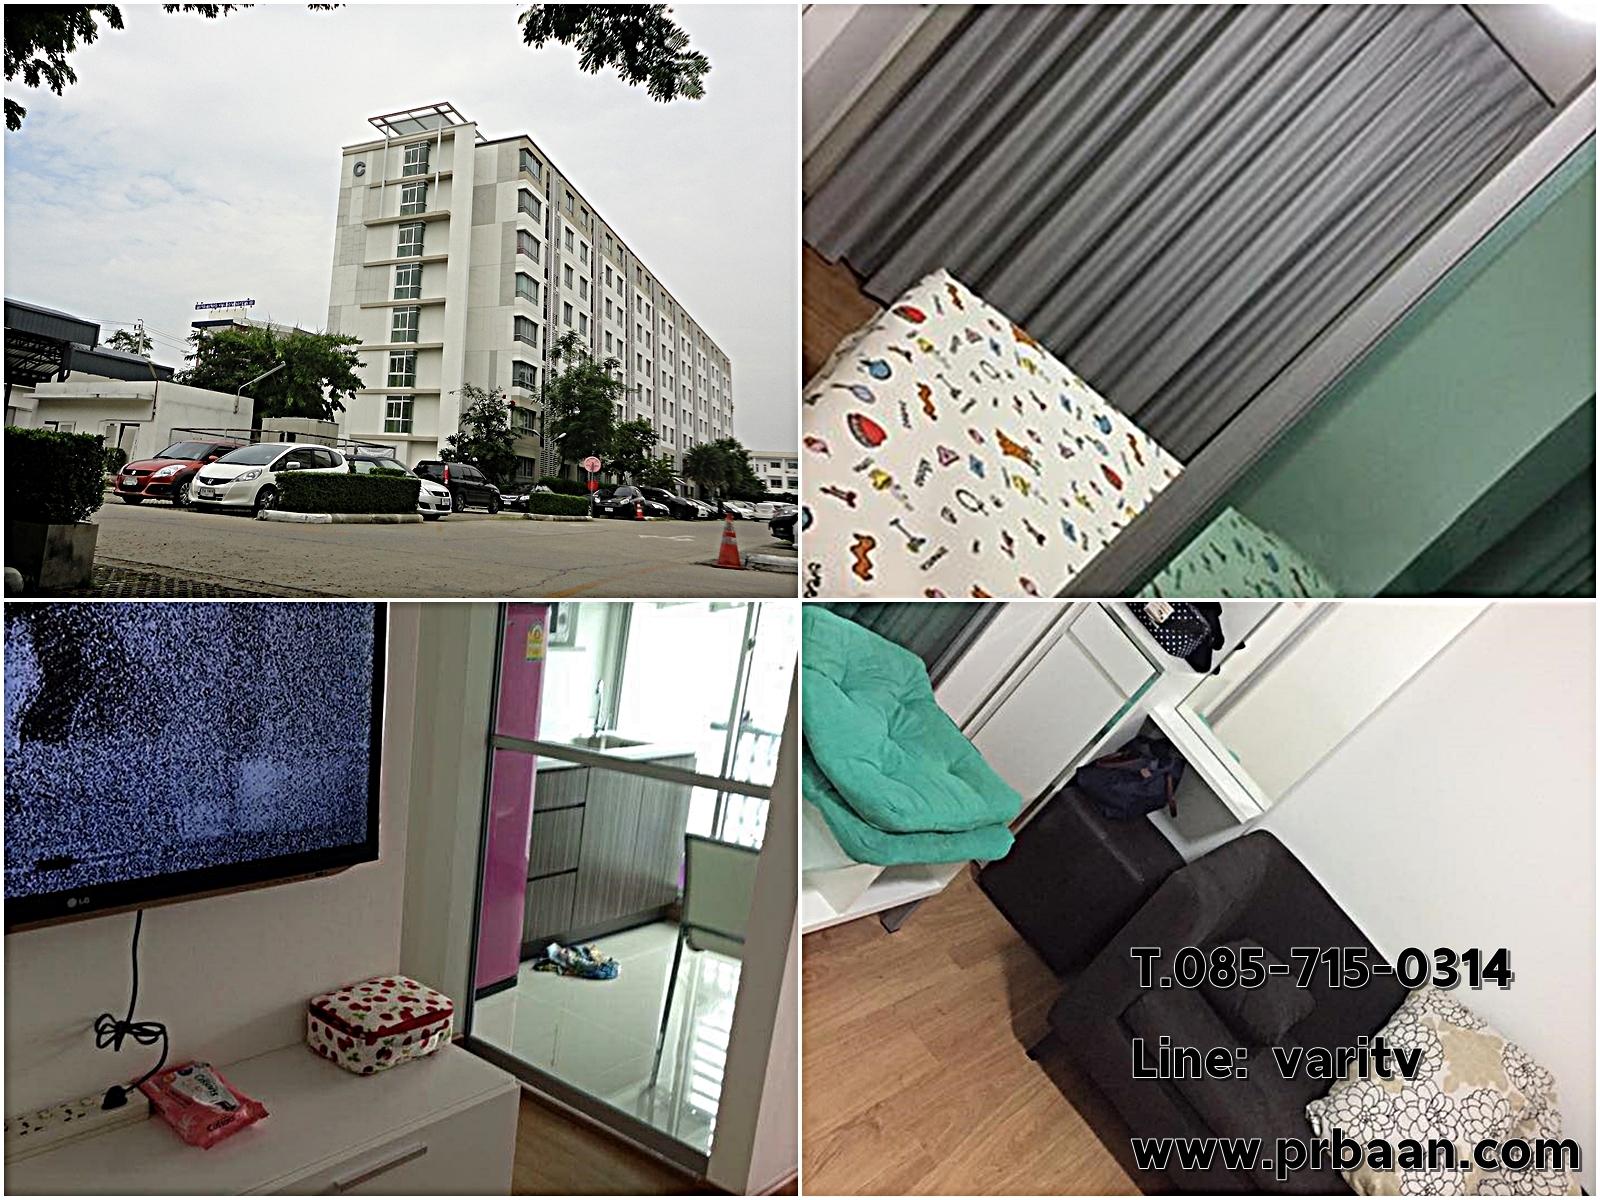 ขาย คอนโด เด็น วิภาวดี DEN Vibhavadi condominium ดอนเมือง